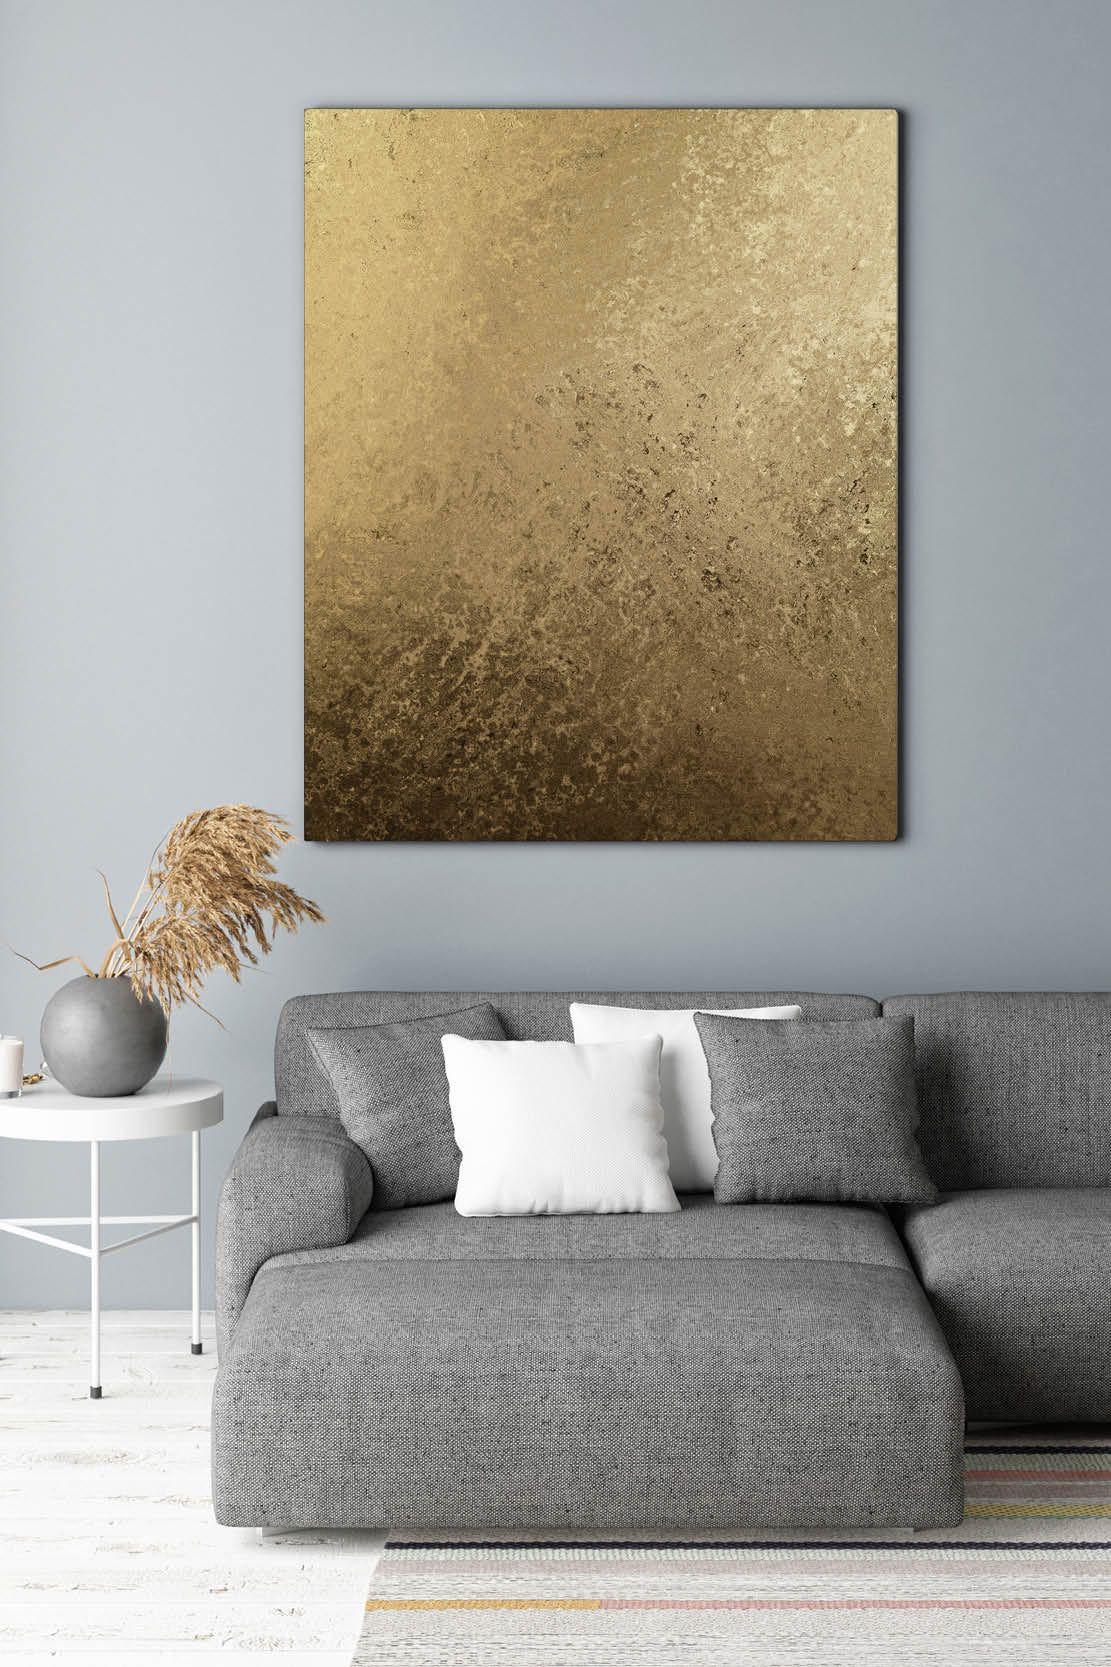 Hochwertiges Akustikbild Gold Ii Im Sanften Metallic Look Erhaltlich Ab 295 00 Euro In Der Akustikbild M Schoner Wohnen Wandfarbe Bild Gold Metallic Wandfarbe